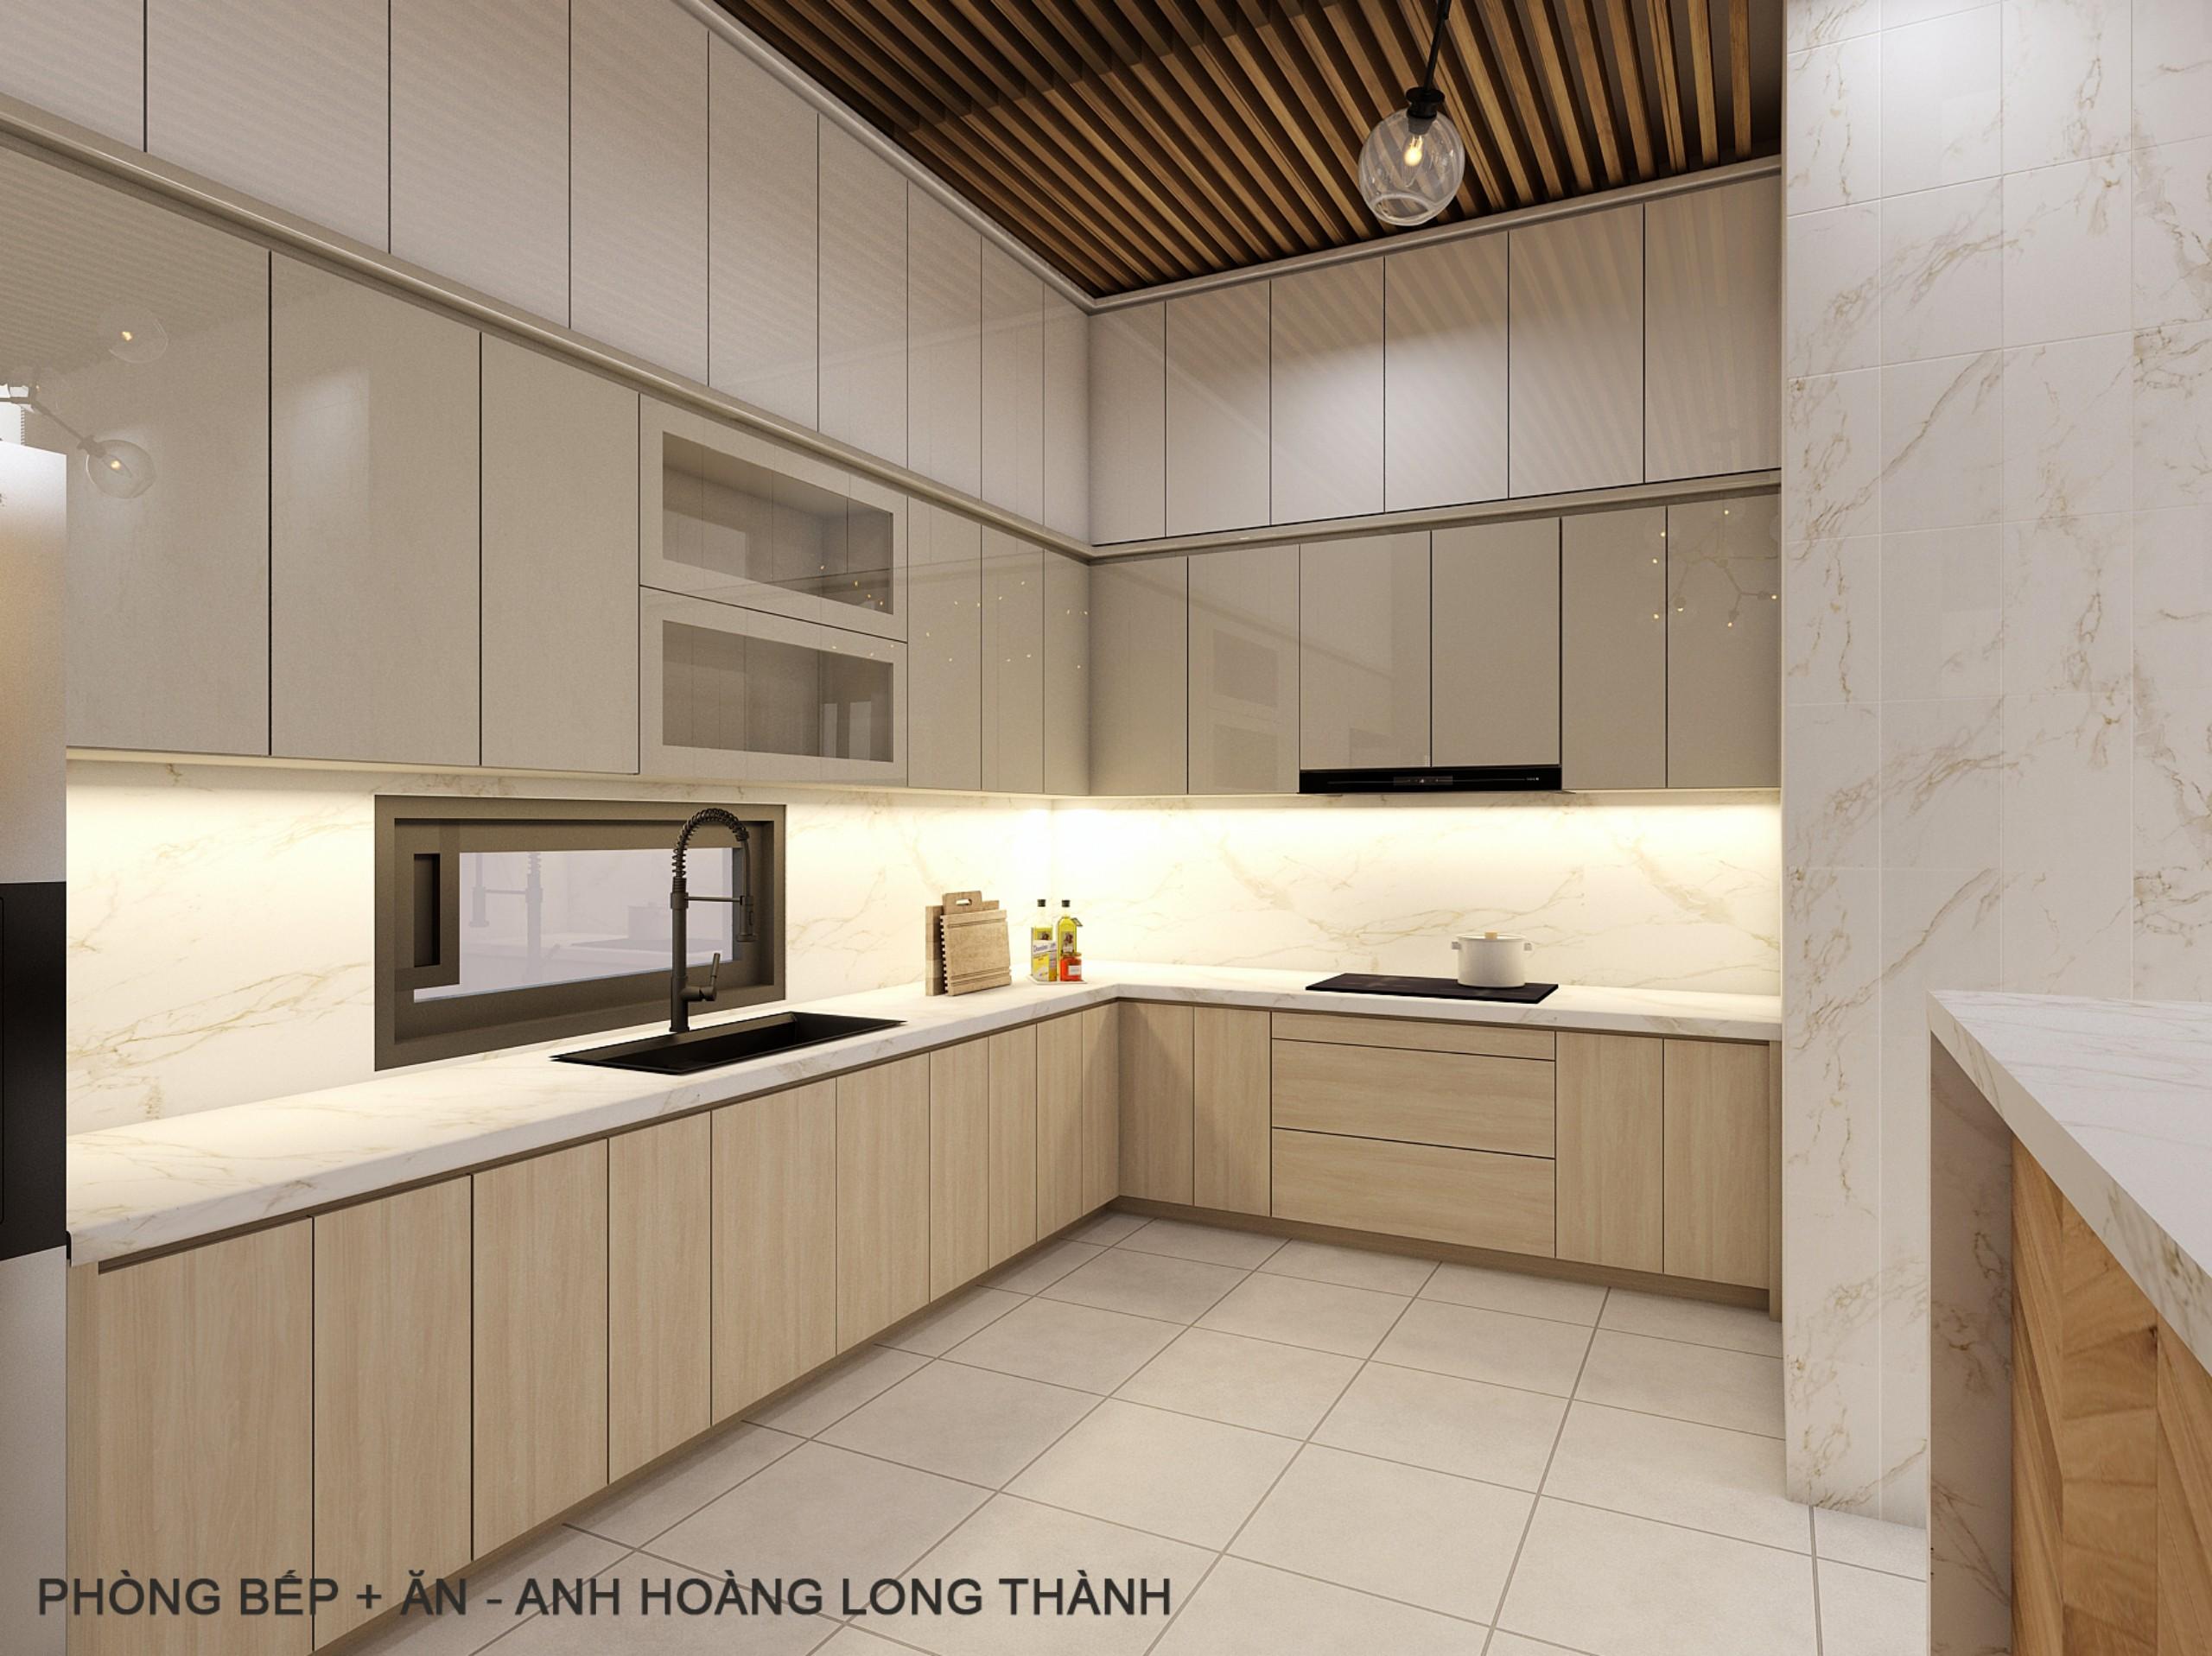 noi that hien dai biet thu 2 tang mini 1 [KHÔNG PHÁT SINH] xây nhà biệt thự 2 tầng ở Đồng Nai từ thiết kế đến hoàn công